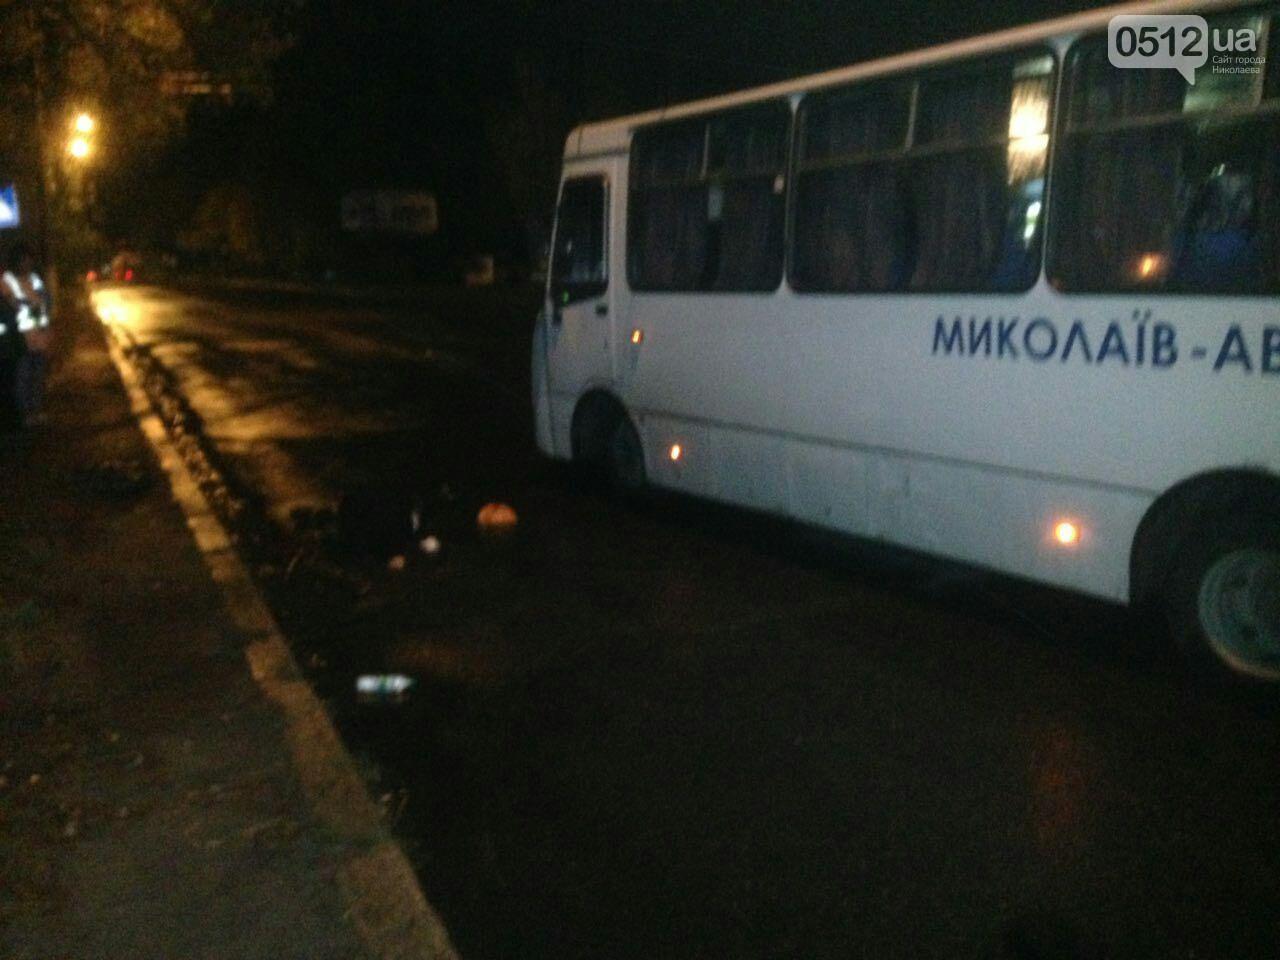 ВНиколаеве автобус насмерть сбил пешеходов